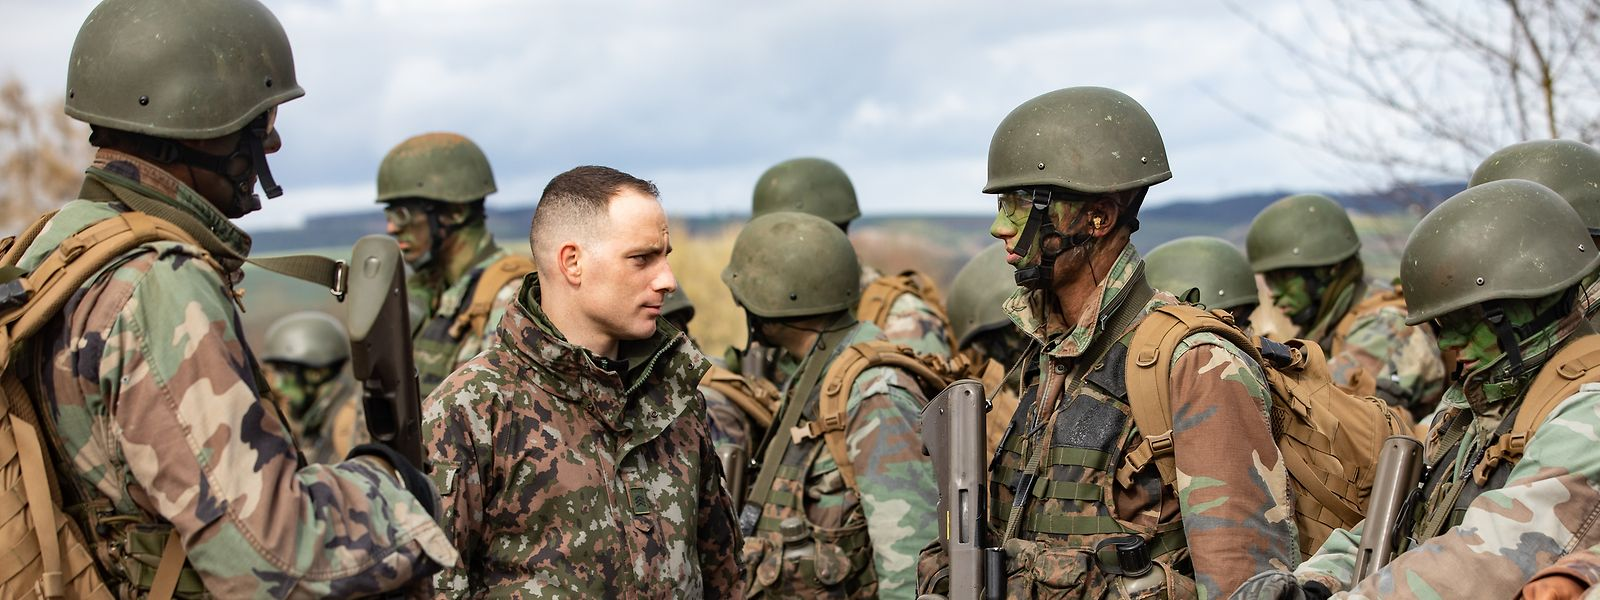 Des soldats luxembourgeois sont notamment présents actuellement en poste au Mali.